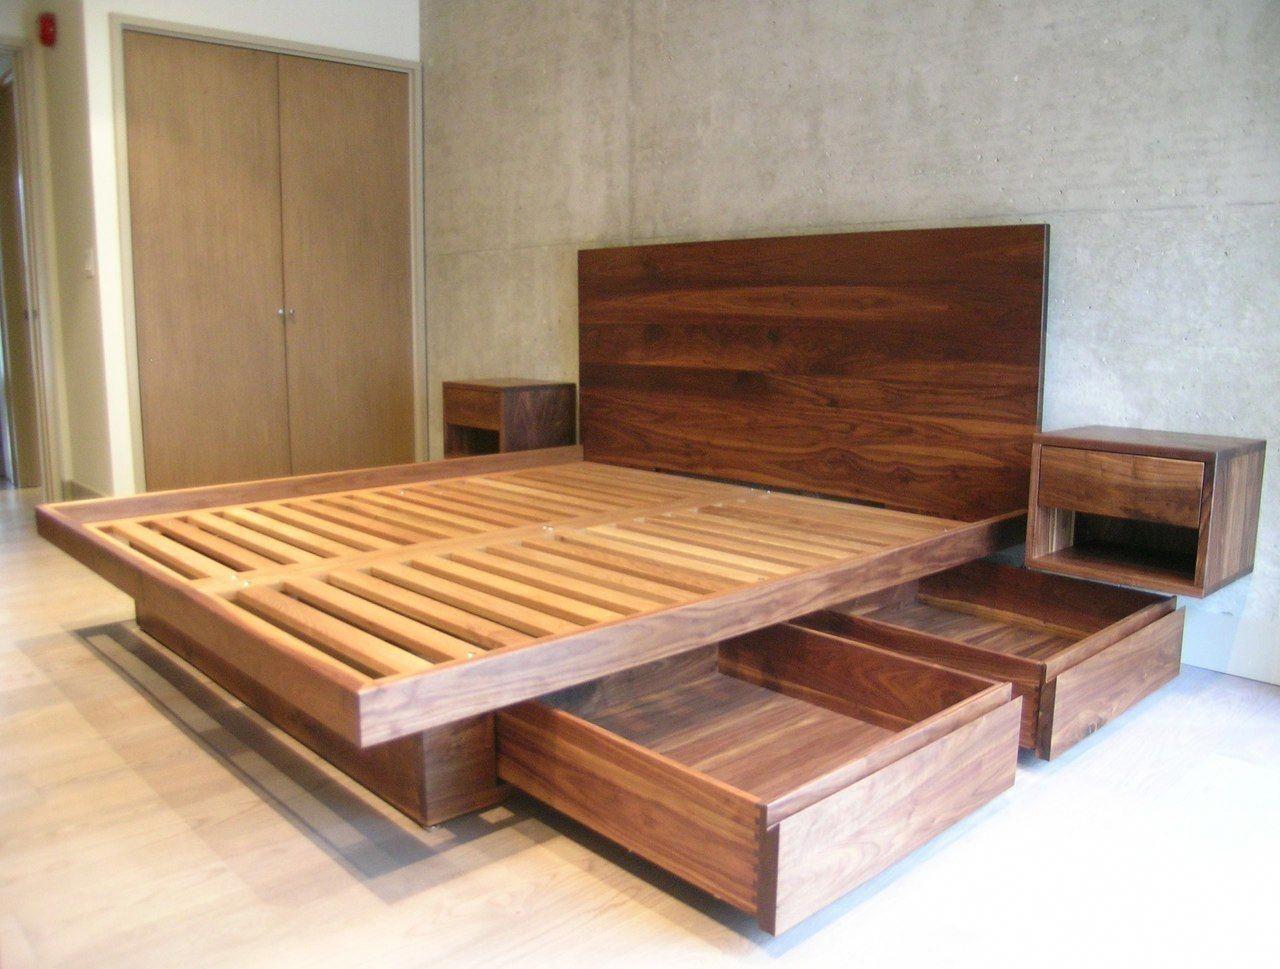 18 Splendid Bed Frames For Full Size Mattress Bed Frames With Headboard Full #fu…